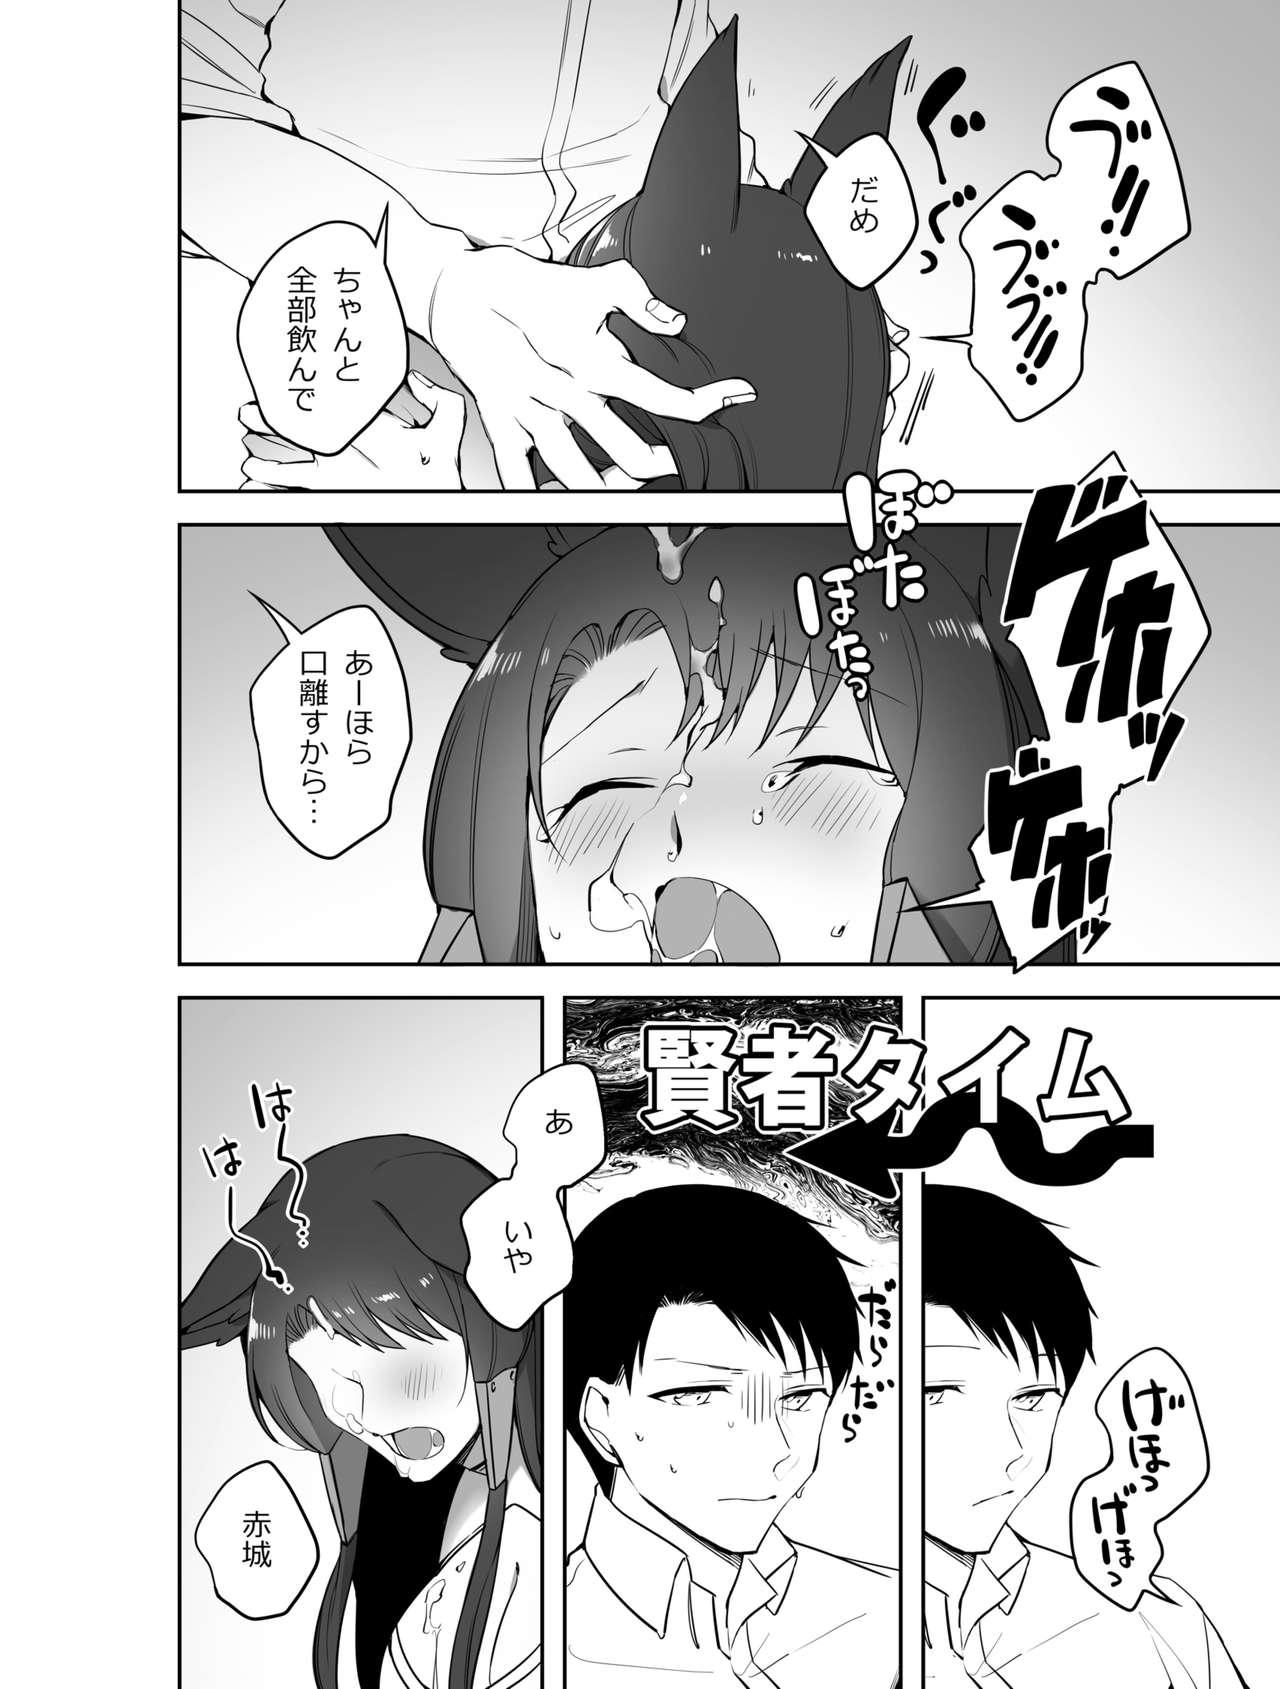 Akagi ni Ochinpo Shaburaseru Hon 15